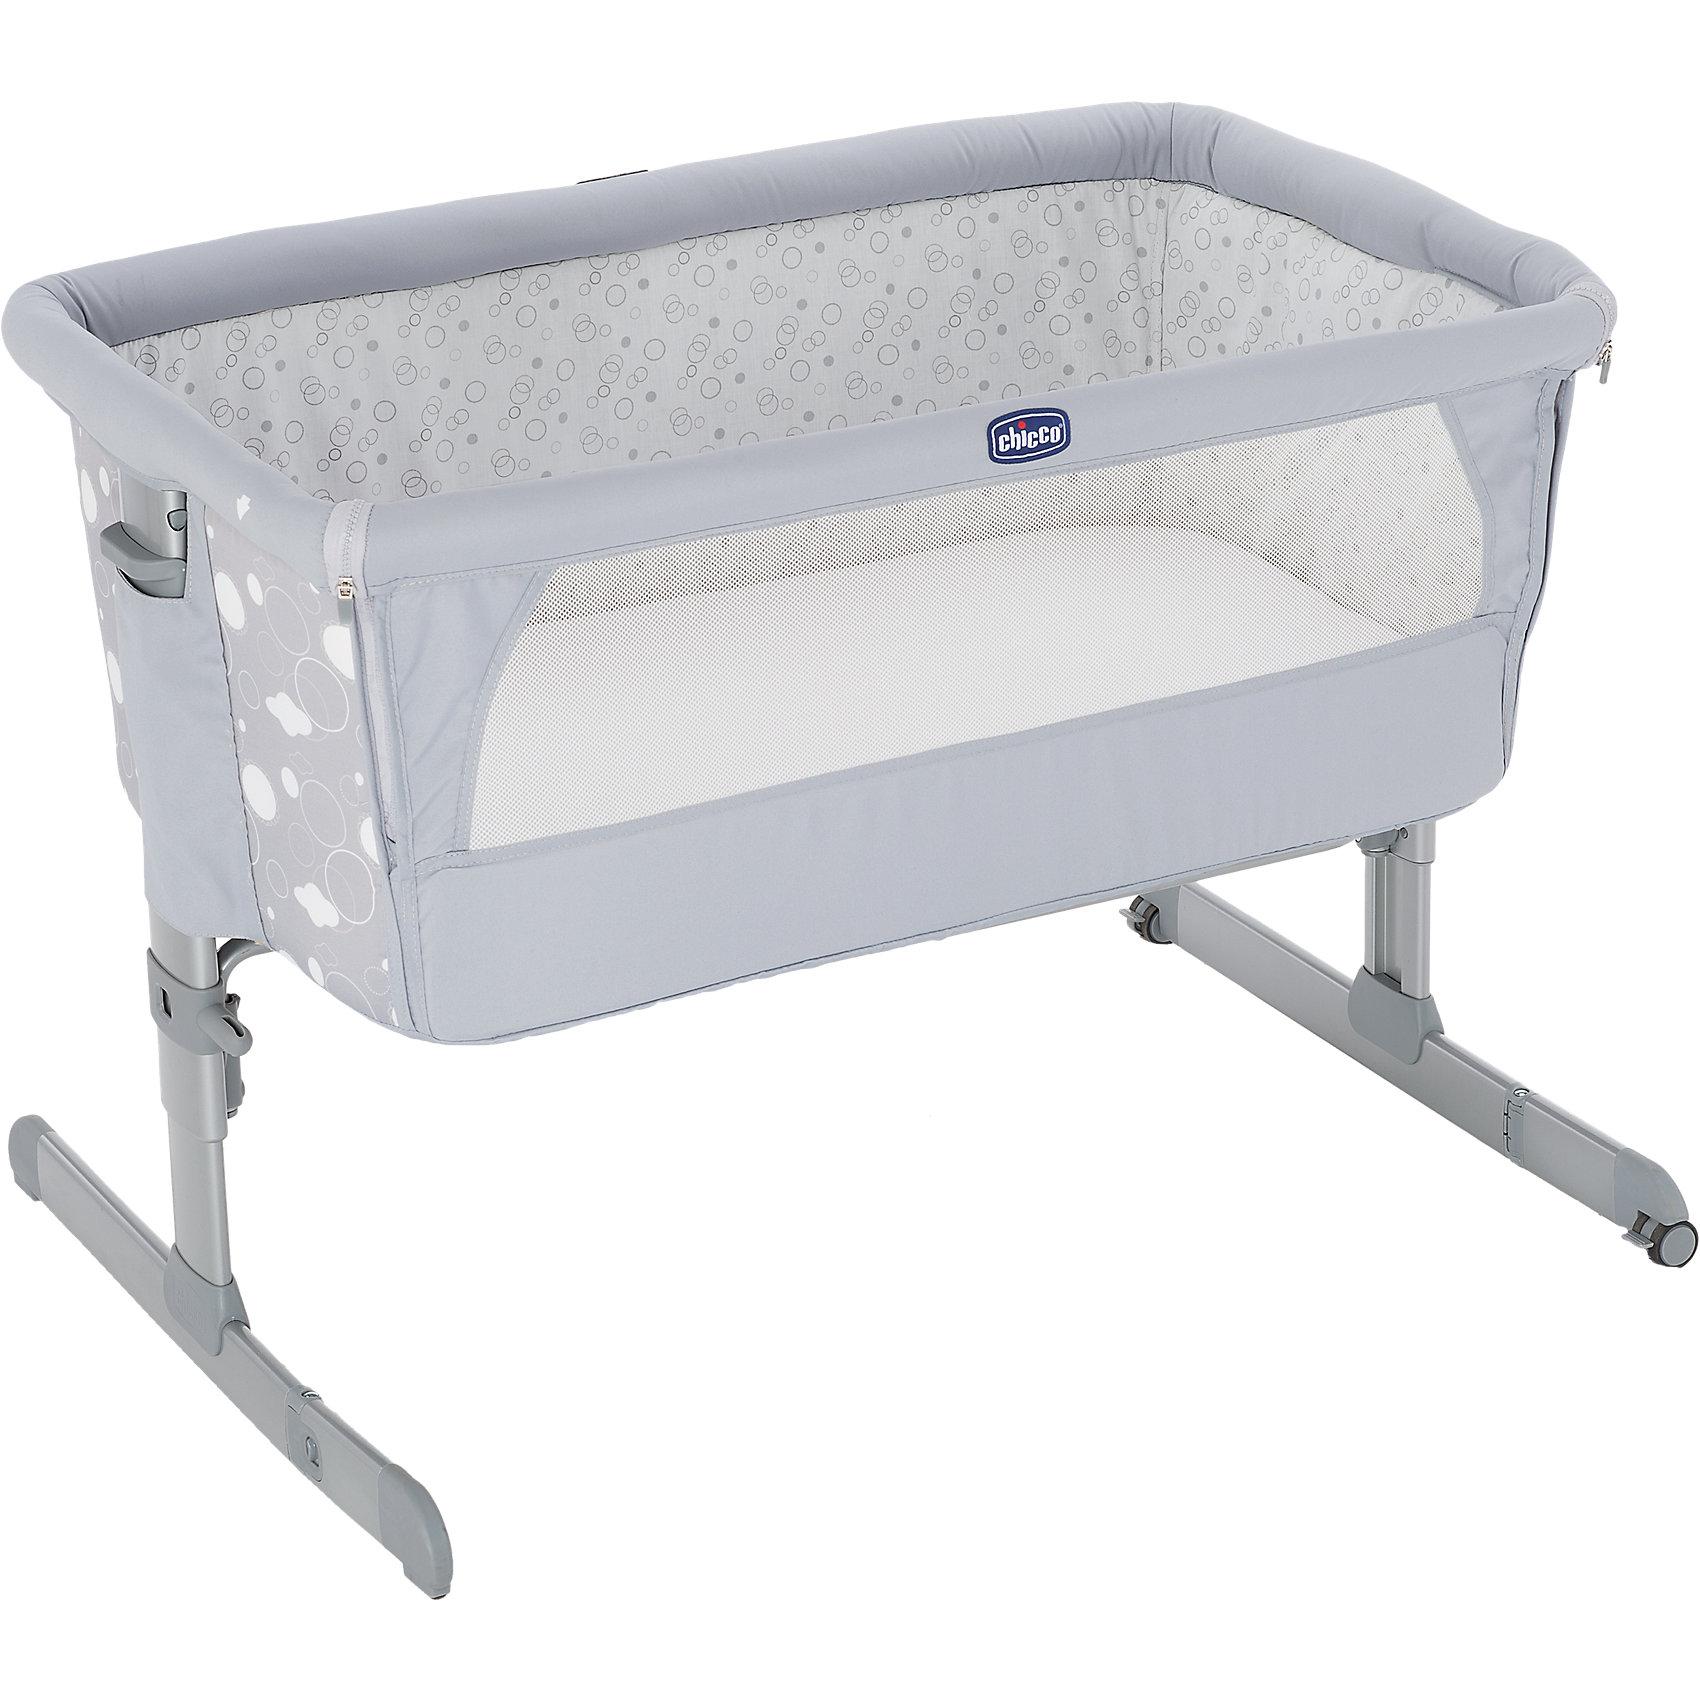 Функциональная кроватка Next2me Circles, ChiccoПрактичная и безопасная функциональная кроватка от Chicco - идеальный вариант для малышей и их родителей. Кровать имеет безопасную систему крепления к кровати родителей и позволяет вам спать рядом с малышом, находясь при этом каждый на своей территории. Боковой бортик очень быстро отстегивается, мягкие стенки дают малышу чувства покоя и уюта. Прочная металлическая основа делает кровать практичной и долговечной. Для наибольшего комфорта ребенка кровать оснащена мягким матрасиком и сетчатыми вставками для вентиляции. <br><br>Дополнительная информация:<br><br>- Материал: пластик, текстиль.<br>- Размер: 66/81 x 93 x 69 см.<br>- Размер в сложенном виде: 95 x 15 см.<br>- Вес: 9 кг.<br>- Отстегивающийся бортик.<br>- Удобный матрас.<br>- Вставки из сетки для циркуляции воздуха. <br>- Высота регулируется. <br>- Крепится к кровати в помощью двух ремней. <br>- Максимальный вес ребенка: 9 кг. <br><br>Внимание! Основным является первое фото, последующие фотографии размещены с целью показать функционал данной модели.<br><br>Функциональную кроватку Next2me Circles, Chicco (Чикко), можно купить в нашем магазине.<br><br>Ширина мм: 940<br>Глубина мм: 600<br>Высота мм: 160<br>Вес г: 10244<br>Цвет: серый<br>Возраст от месяцев: 0<br>Возраст до месяцев: 6<br>Пол: Унисекс<br>Возраст: Детский<br>SKU: 4449673